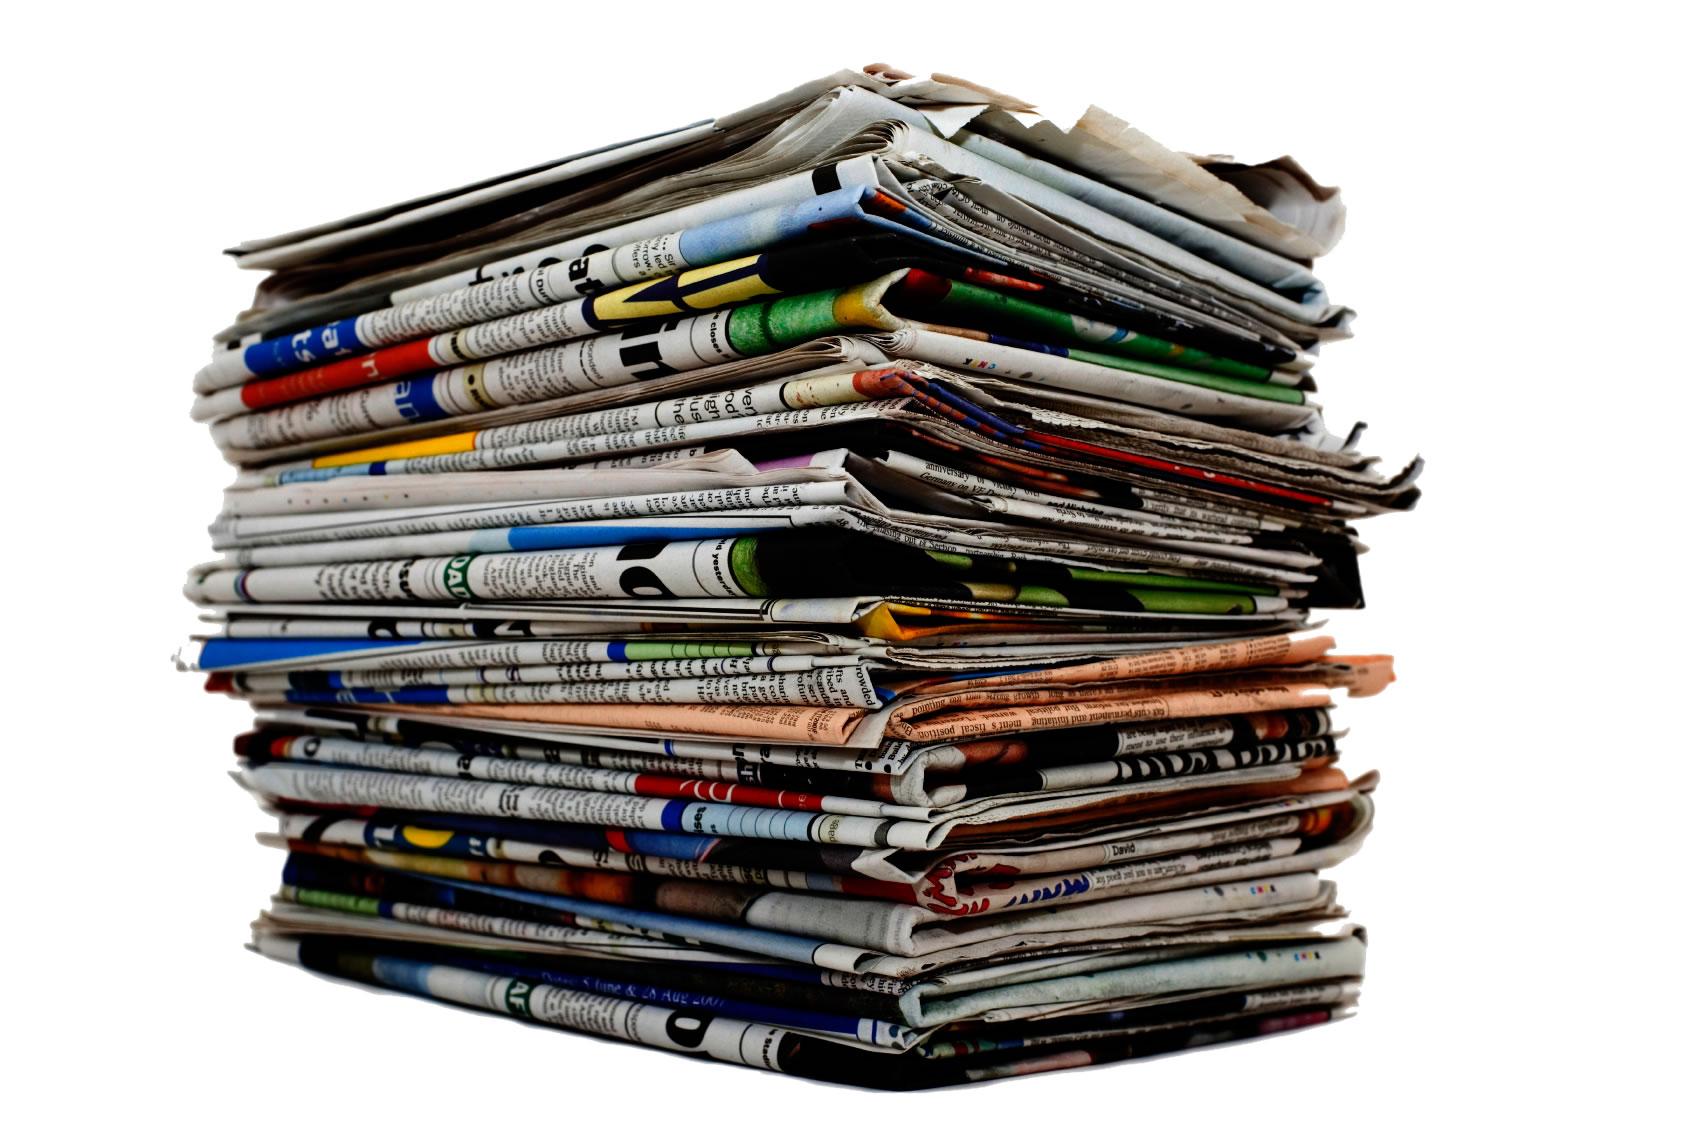 невероятно картон и газеты картинки был убит солоник